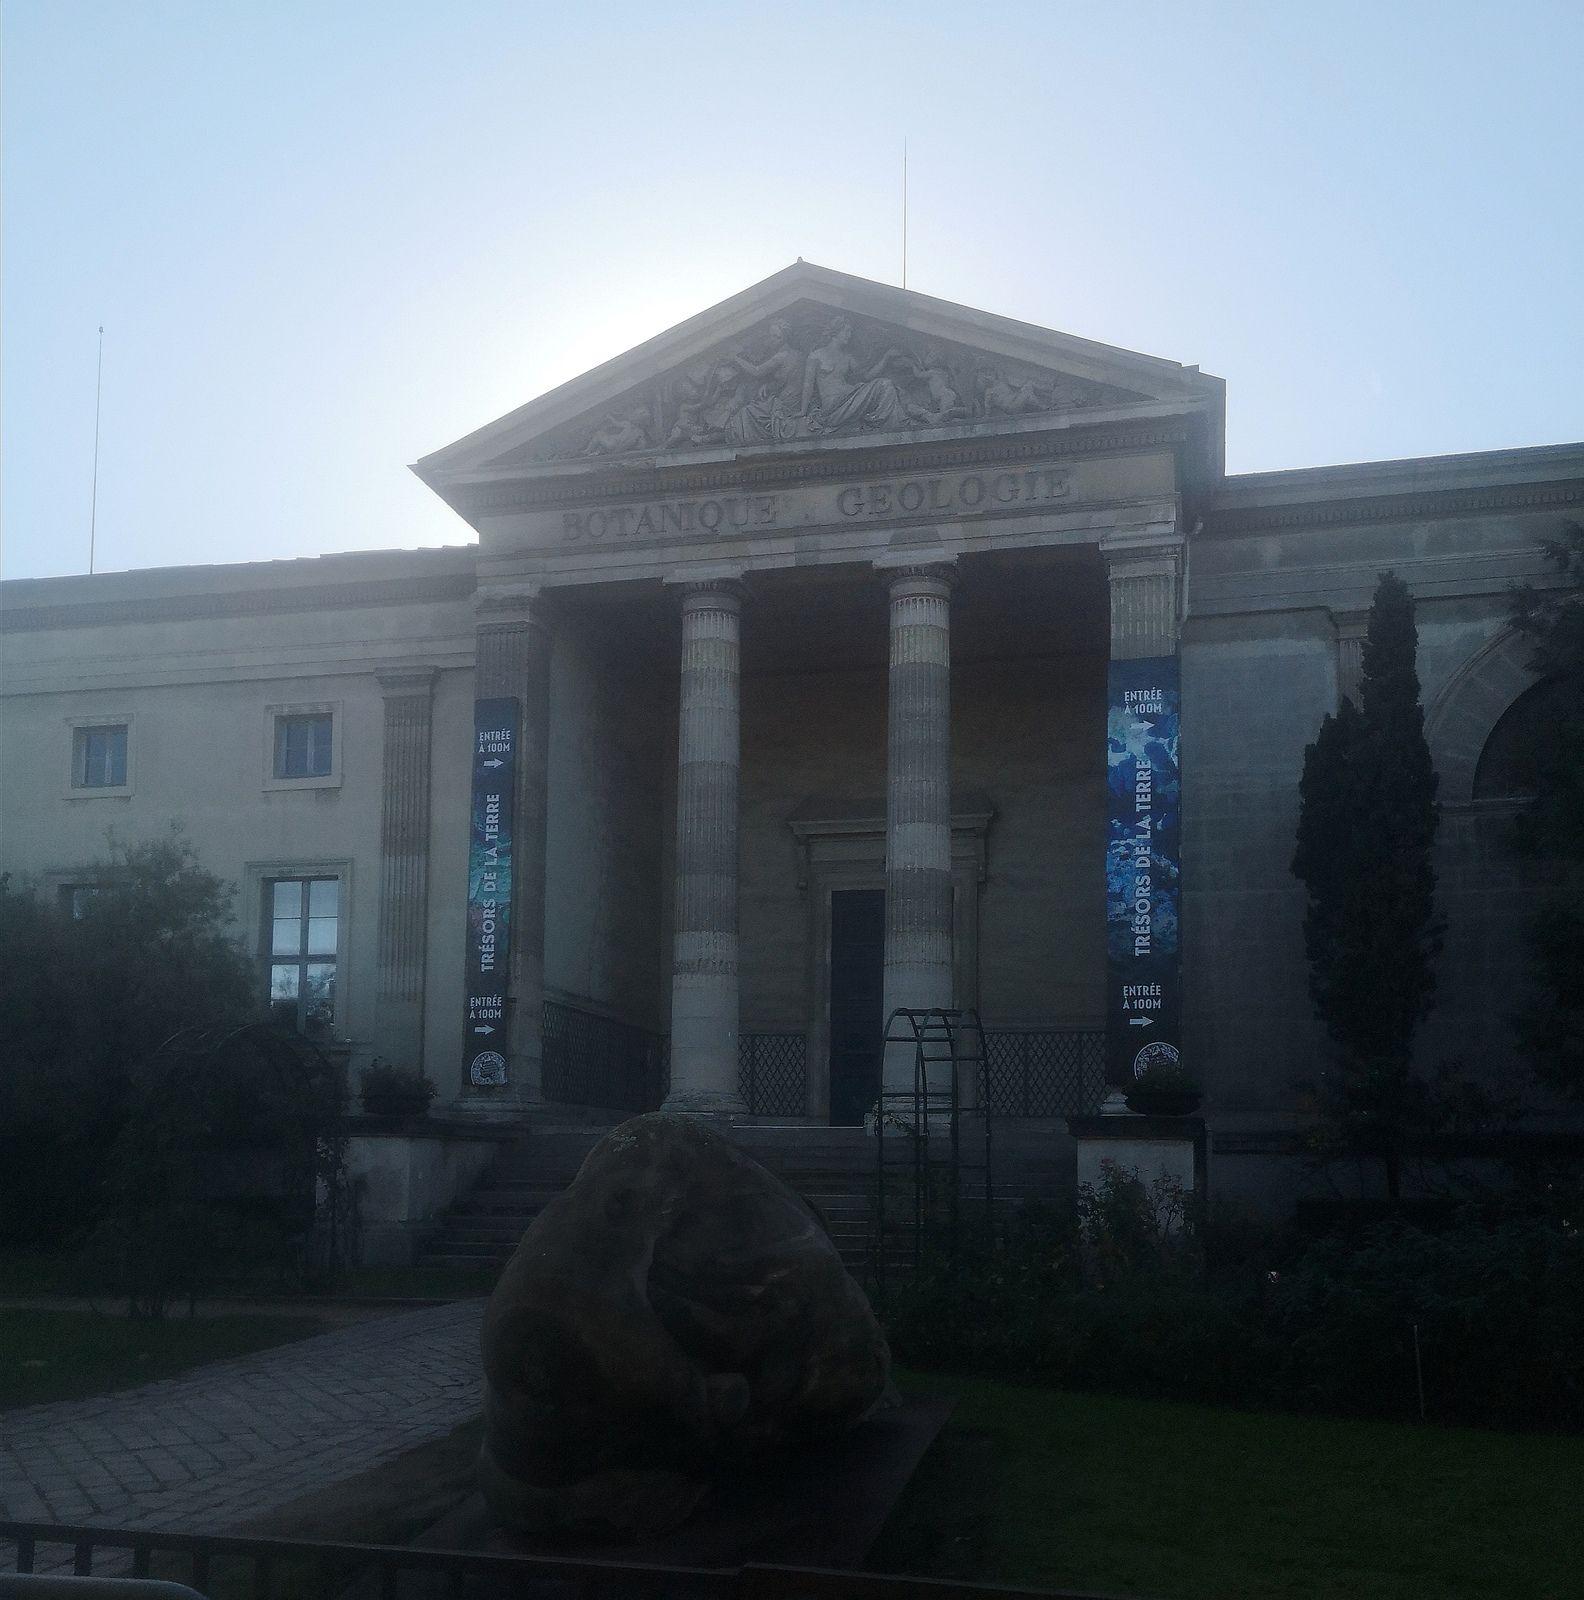 Galerie de paléontologie du jardin des Plantes. Paris.